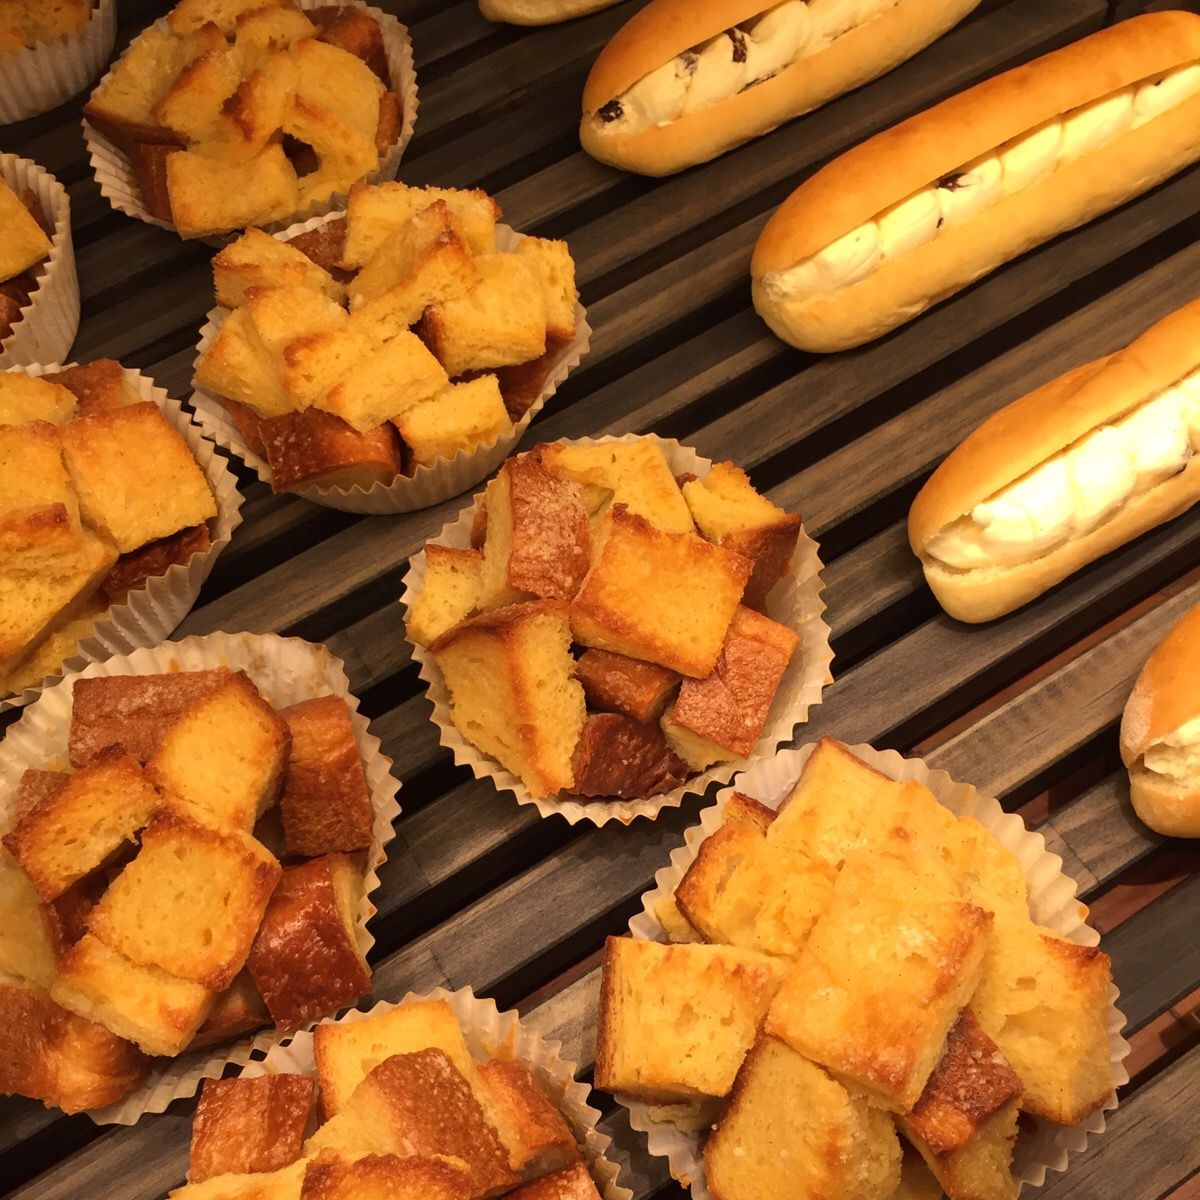 1階ベーカリーのオリジナルのパンにも注目。「フレンチトースト」「練乳クリームパン」など、ユニークなパンがリーズナブルな価格で購入できる。